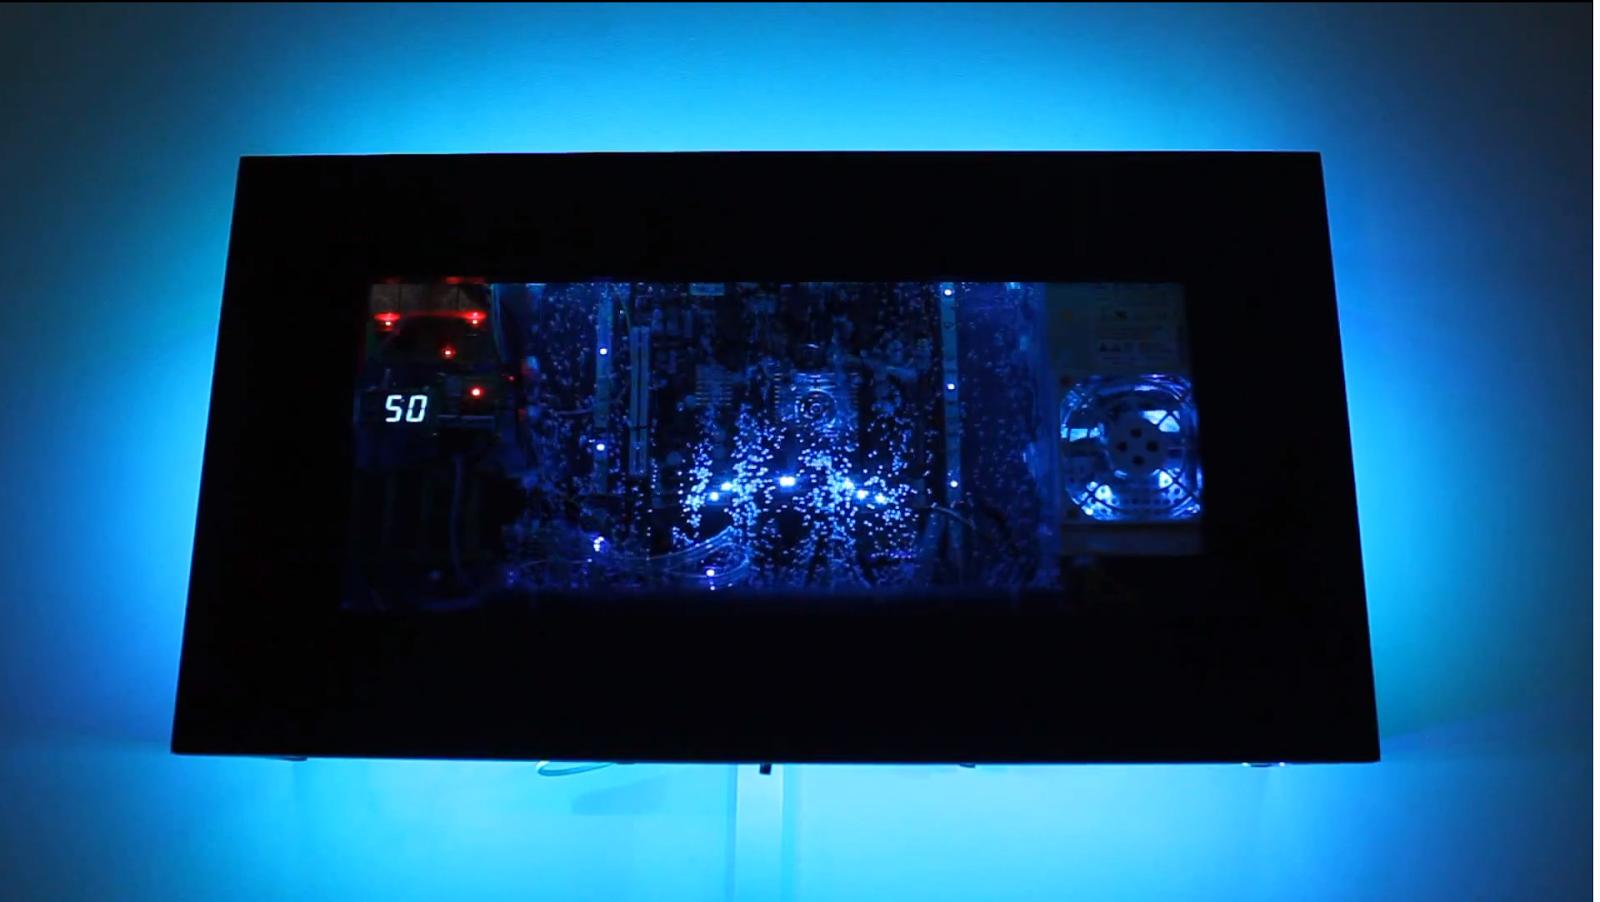 Fish tanks wall mounted images - Wall mounted fish aquarium ...